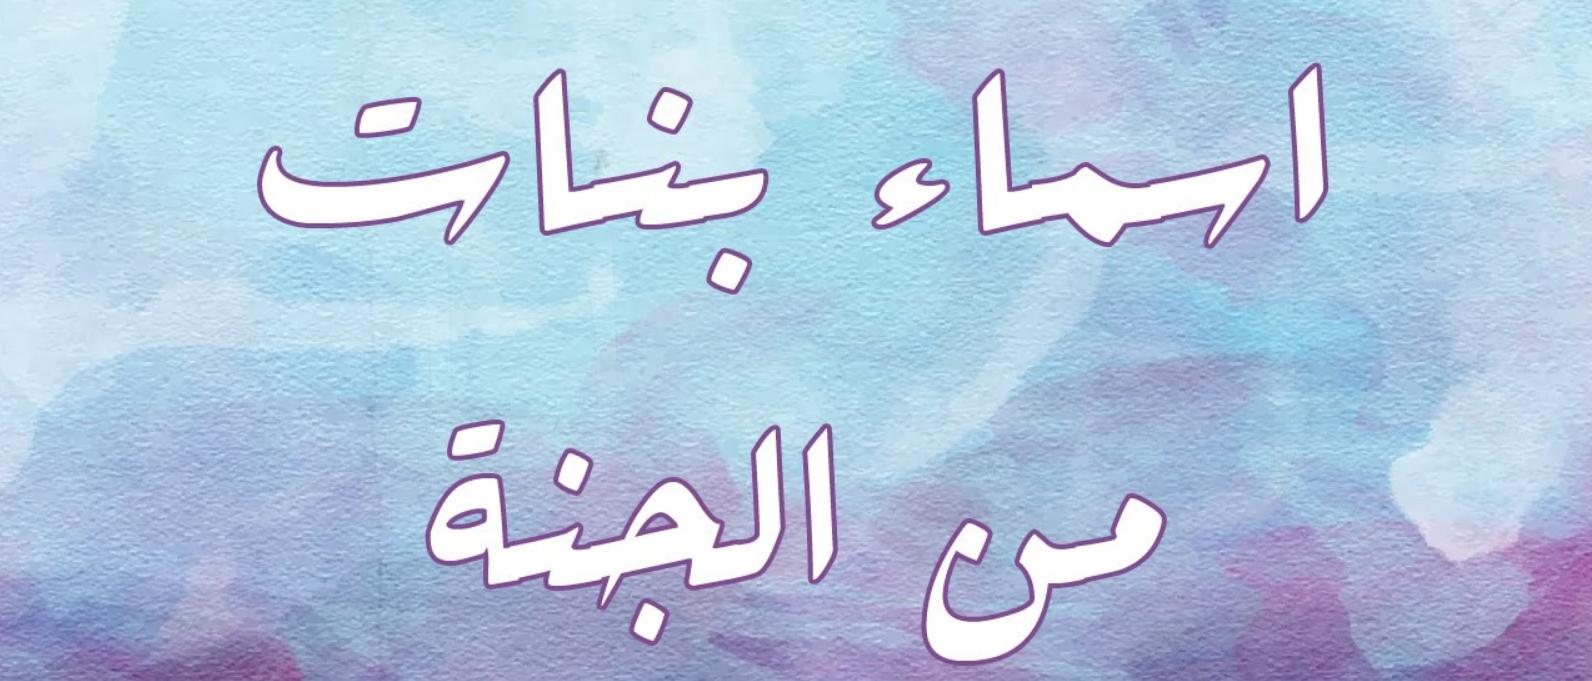 اسماء بنات من انهار الجنة ومعانها من القرأن الكريم